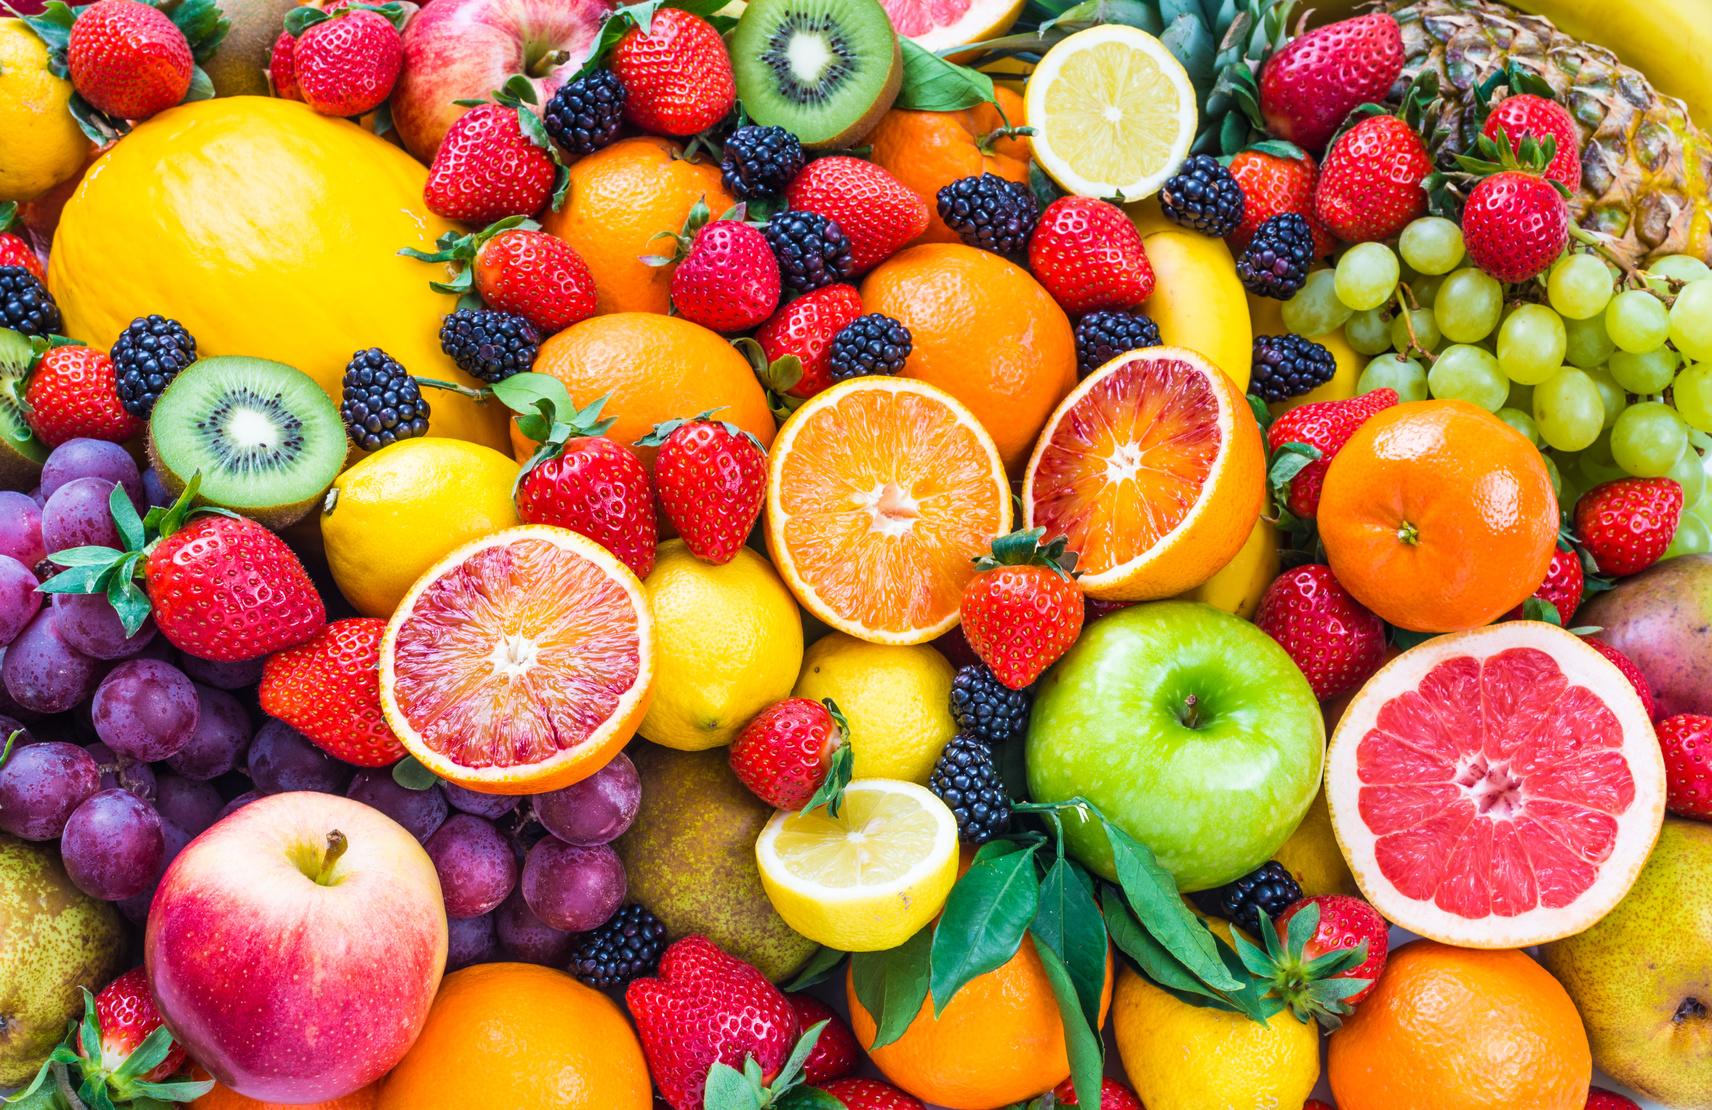 fruechte-erdbeeren-himbeeren-brombeeren-aepfel-grapefruit-zitrone-ananas-honigmelonen-traube-orangen-kiwis-bananen